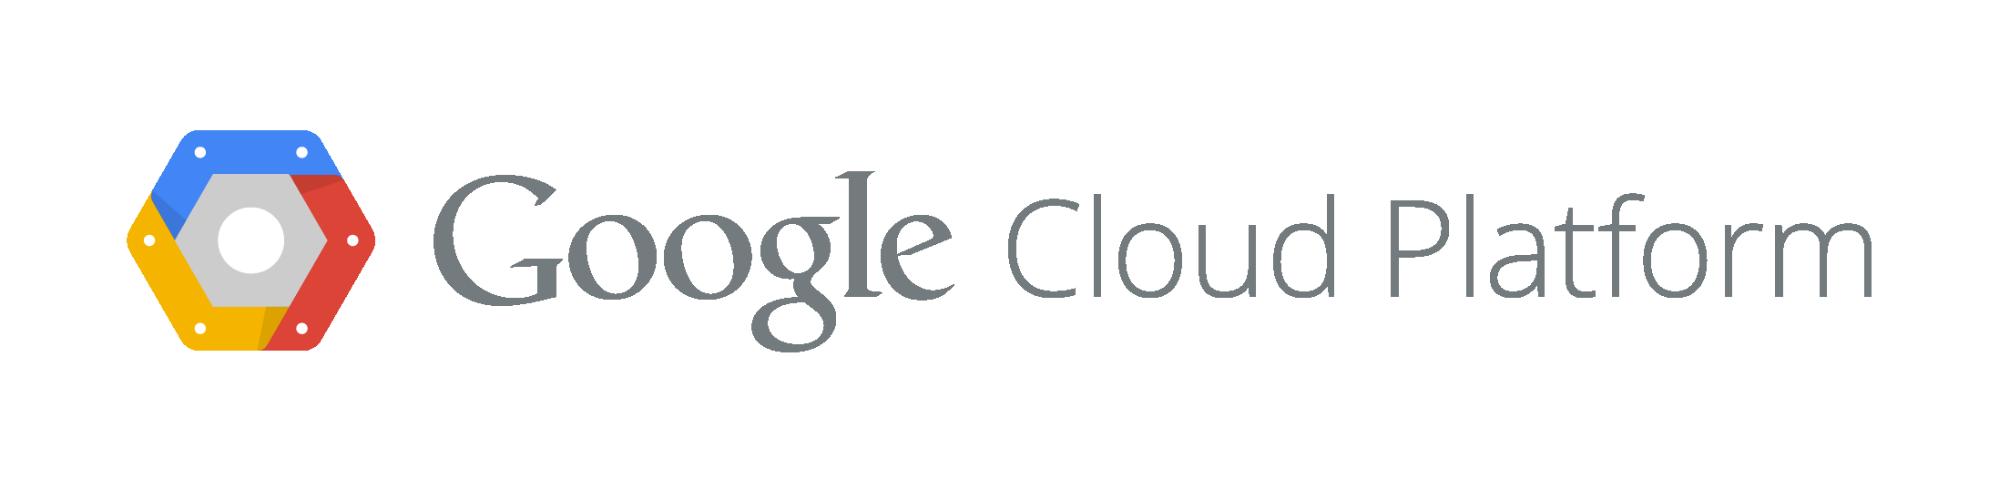 D2SI_Blog_Image_GoogleCloud